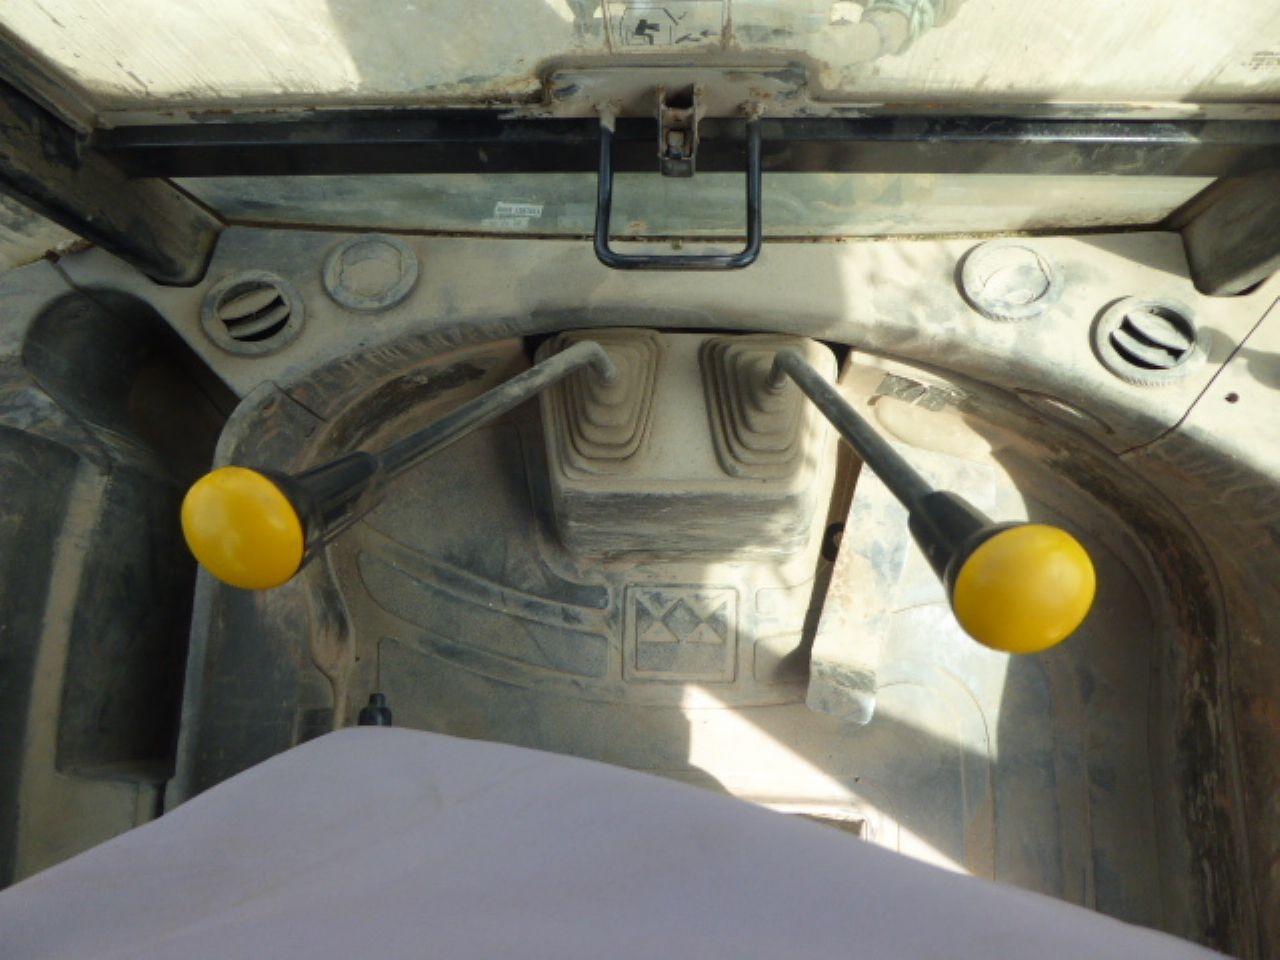 TEREX 860 ELITE SPECIAL EDITION BACKHOE LOADER - Picture 7